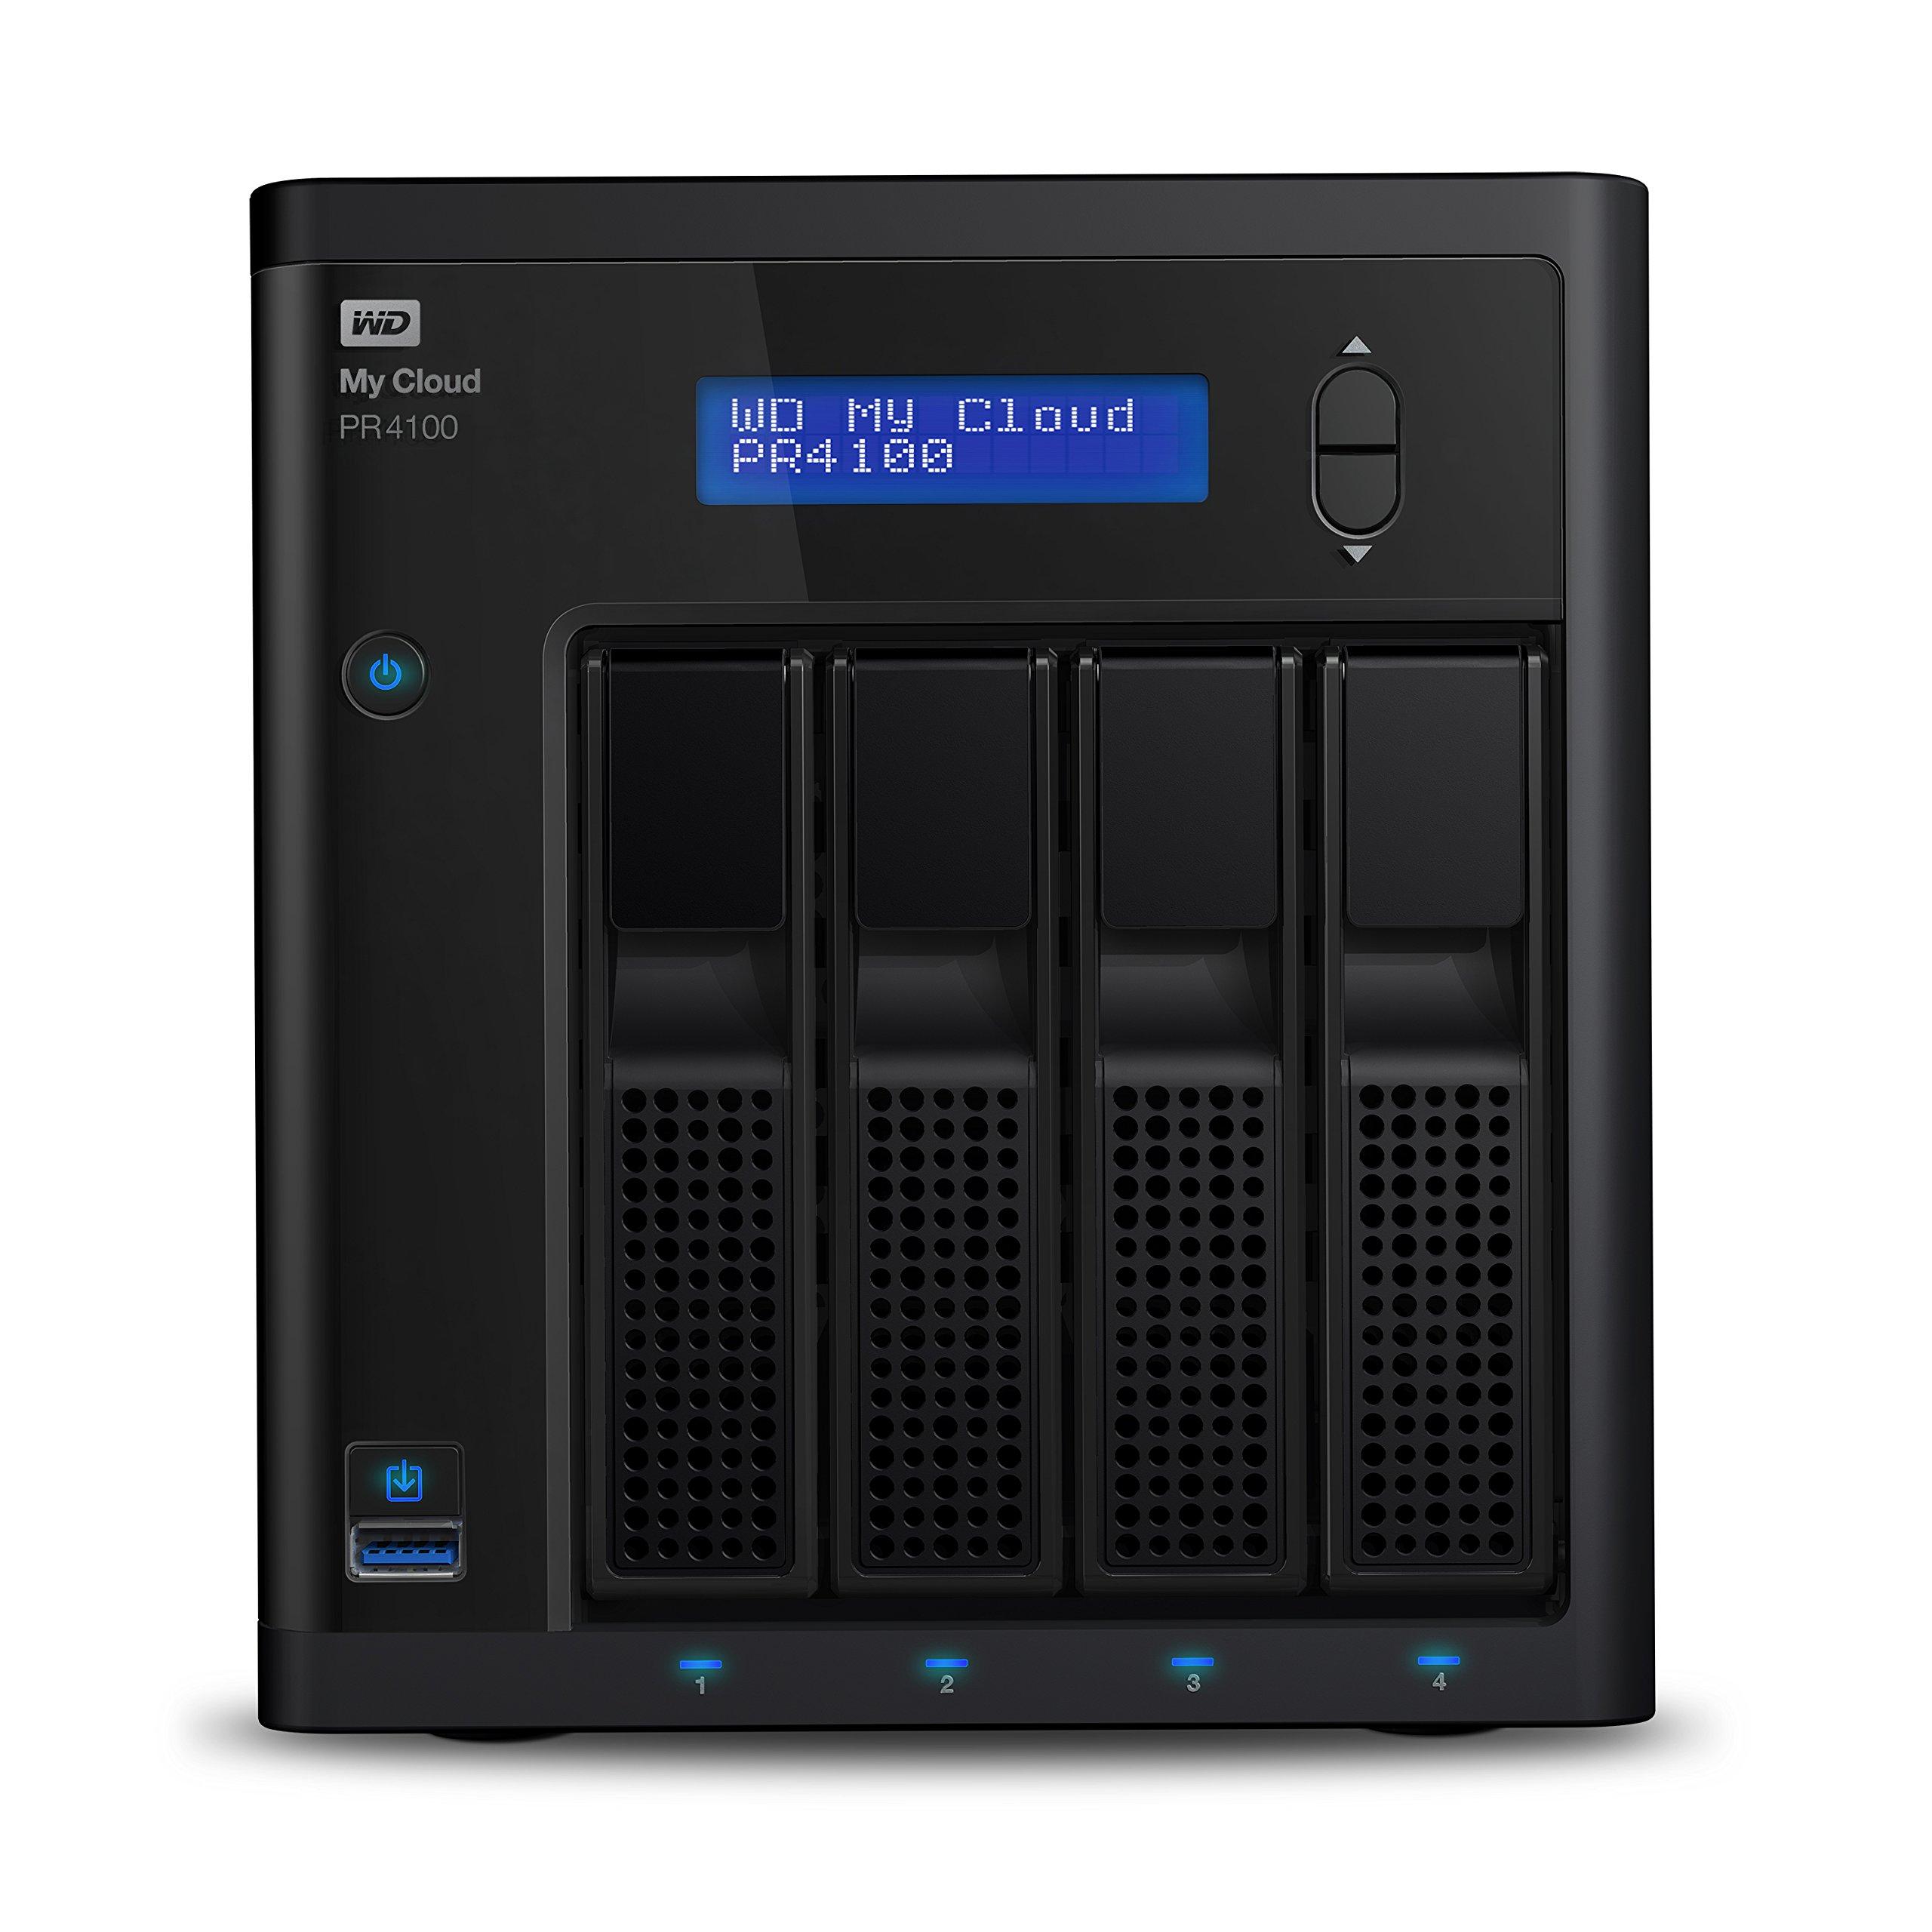 WD 0TB My Cloud Pr4100 Network Attached Storage (WDBNFA0000NBK-NESN)